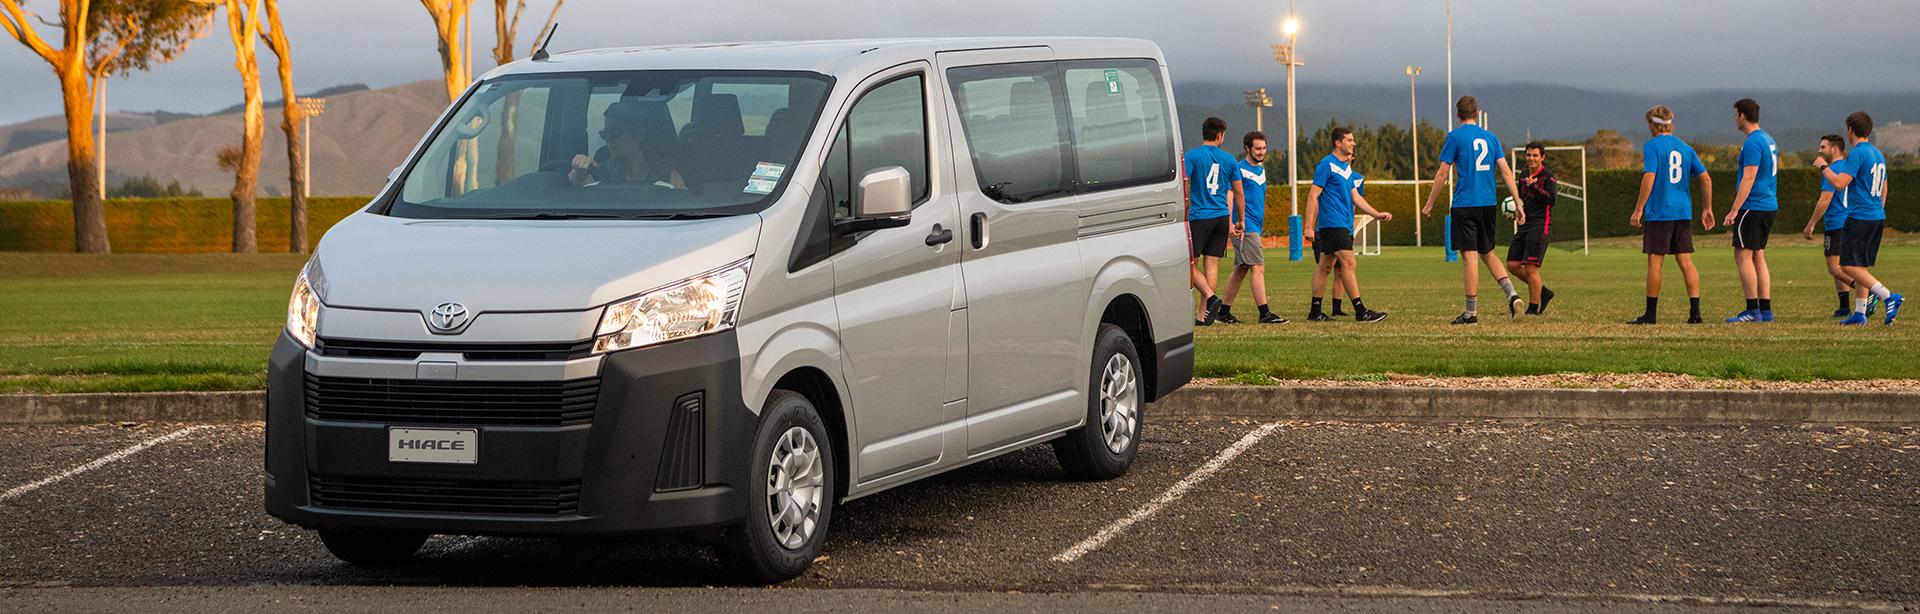 Kelebihan Toyota Minibus Perbandingan Harga